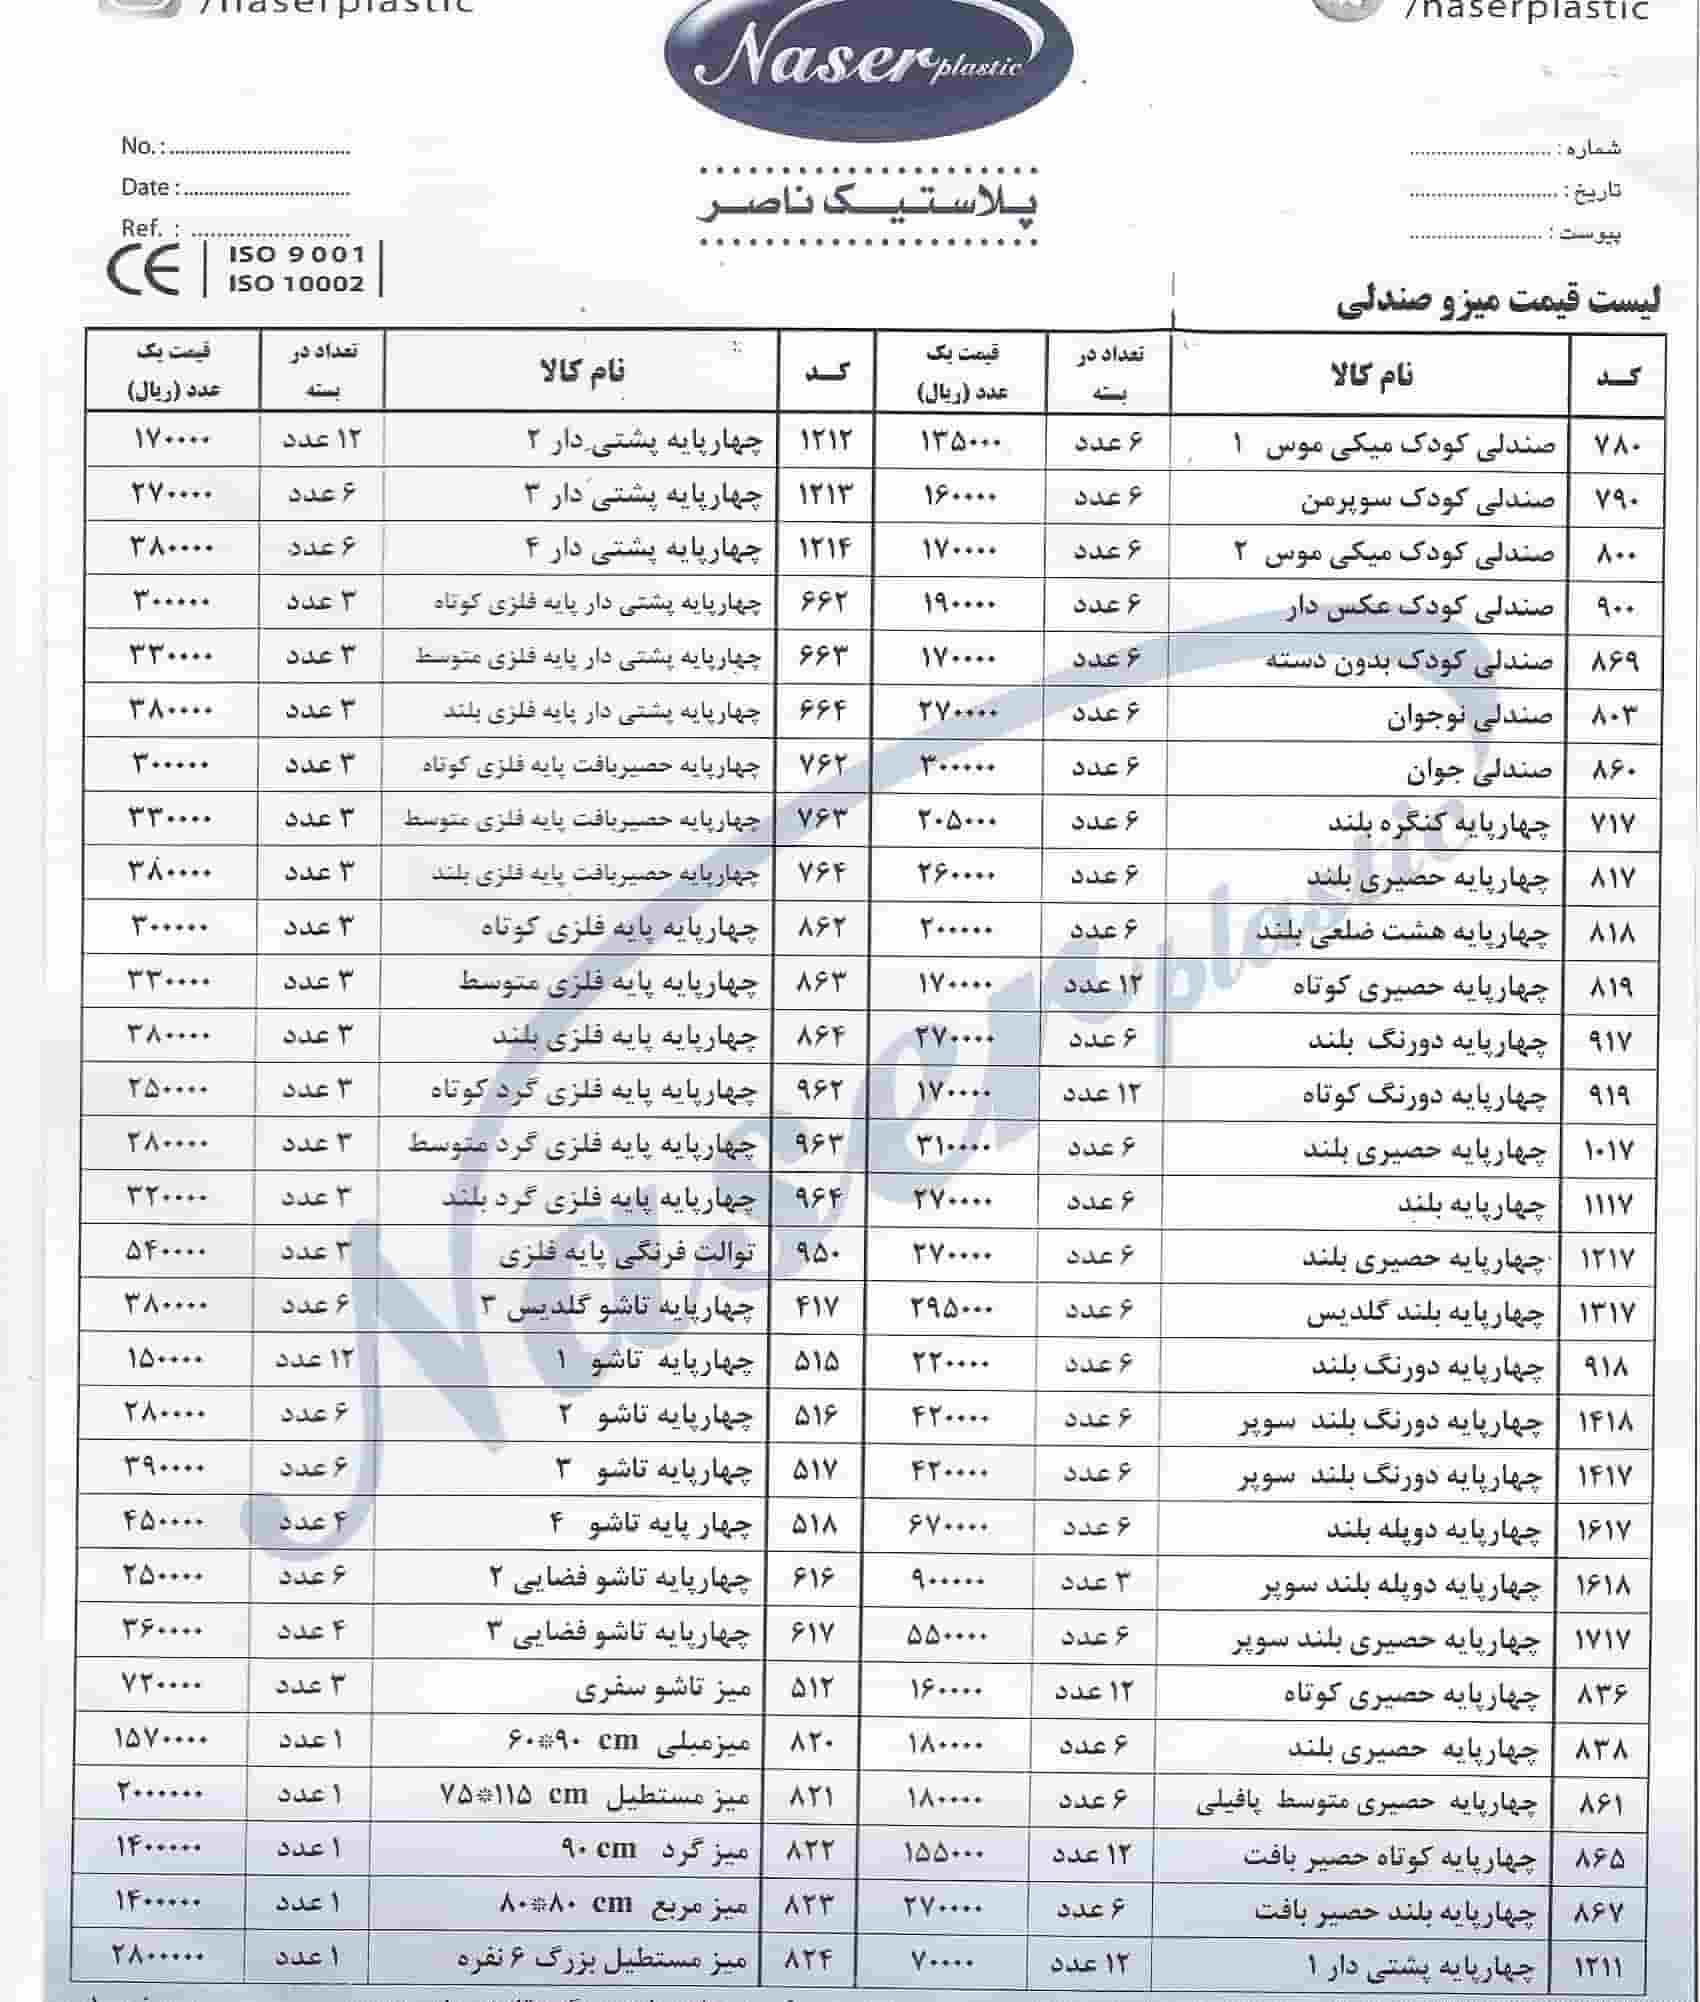 لیست محصولات پلاستیکی ناصر